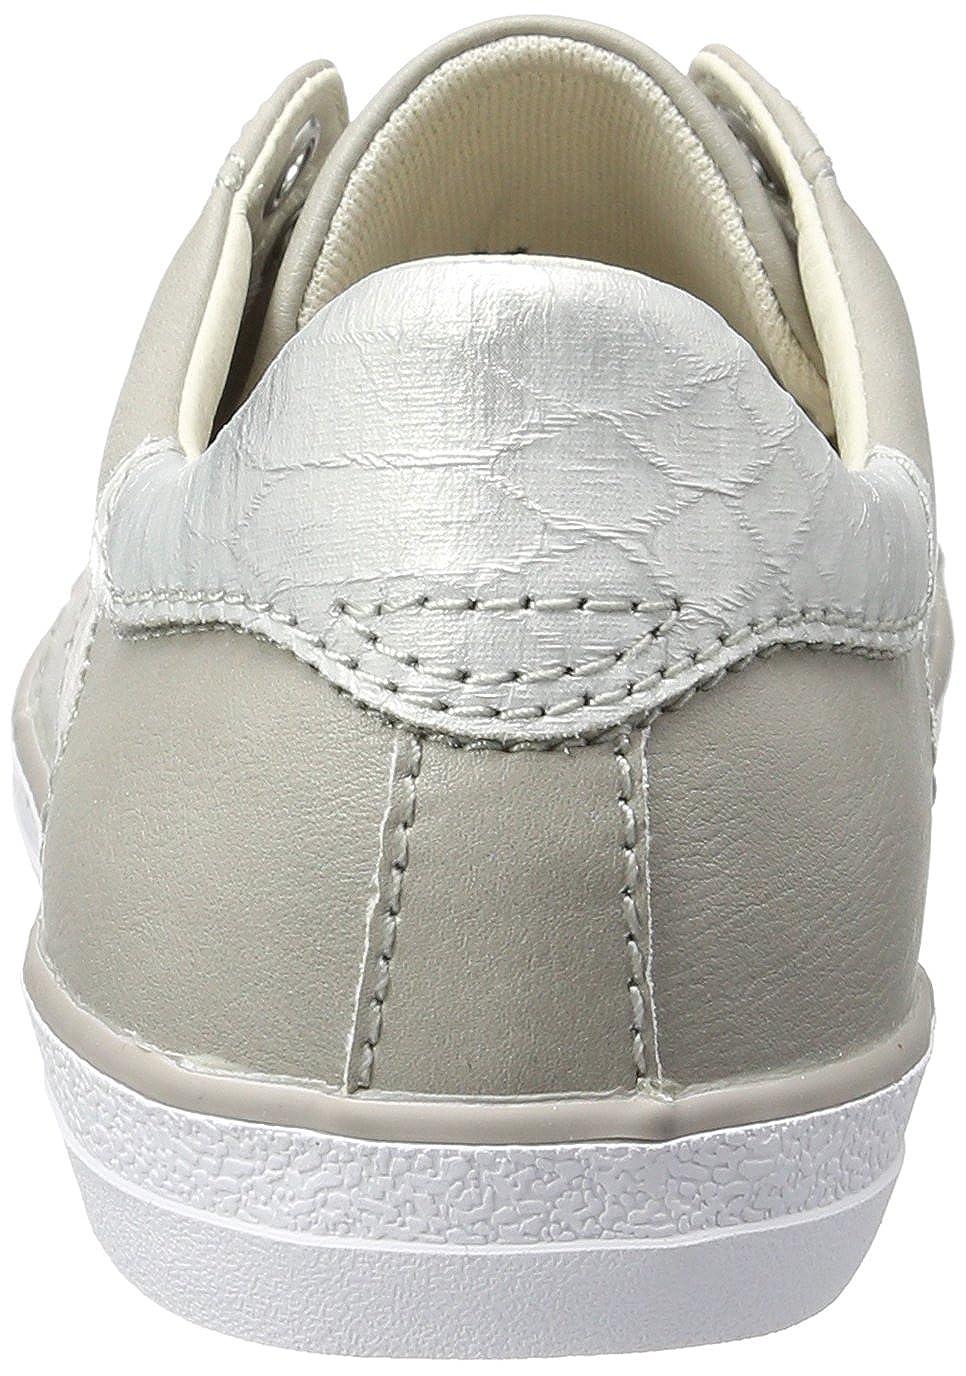 ESPRIT Damen Miana Lace Up Up Up Sneaker Grau (Grau 030) f0e067